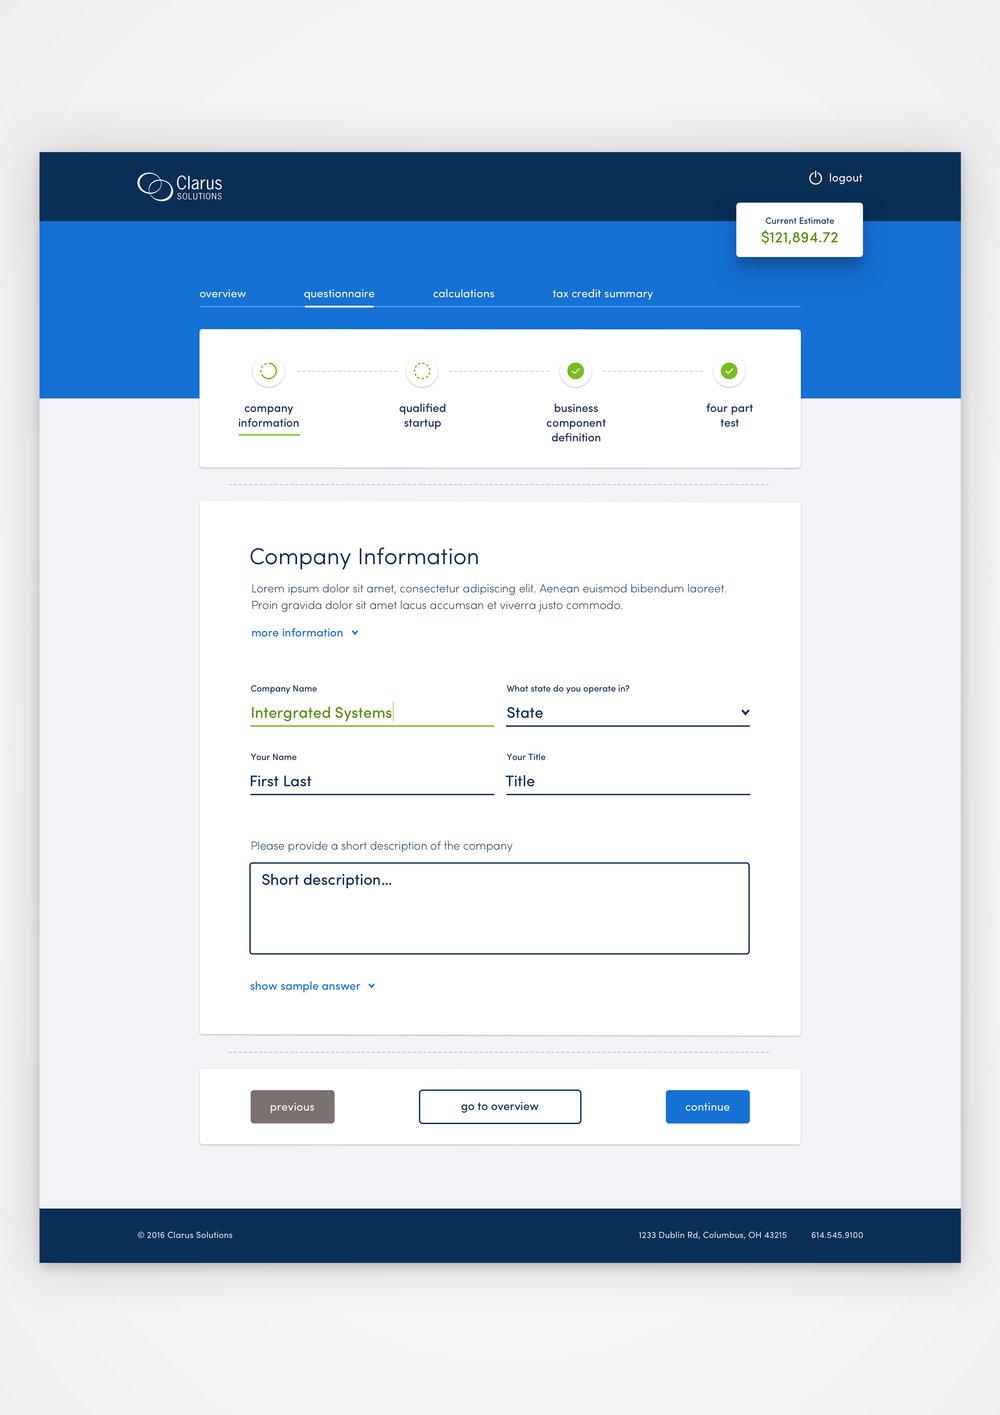 Digital visual design on an R&D Tax Credit Tool